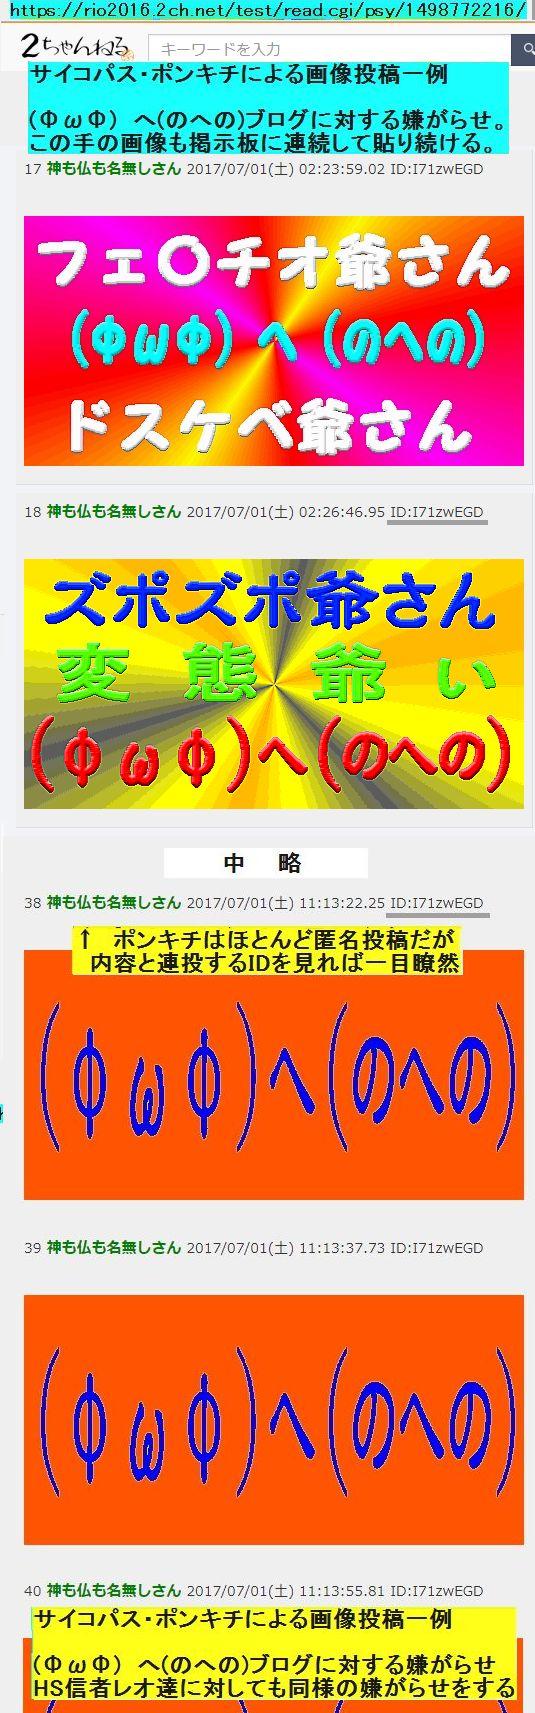 アンチの変質者ポンキチによる画像投稿一例。 (ΦωΦ) へ(のへの)ブログに対する嫌がらせ。